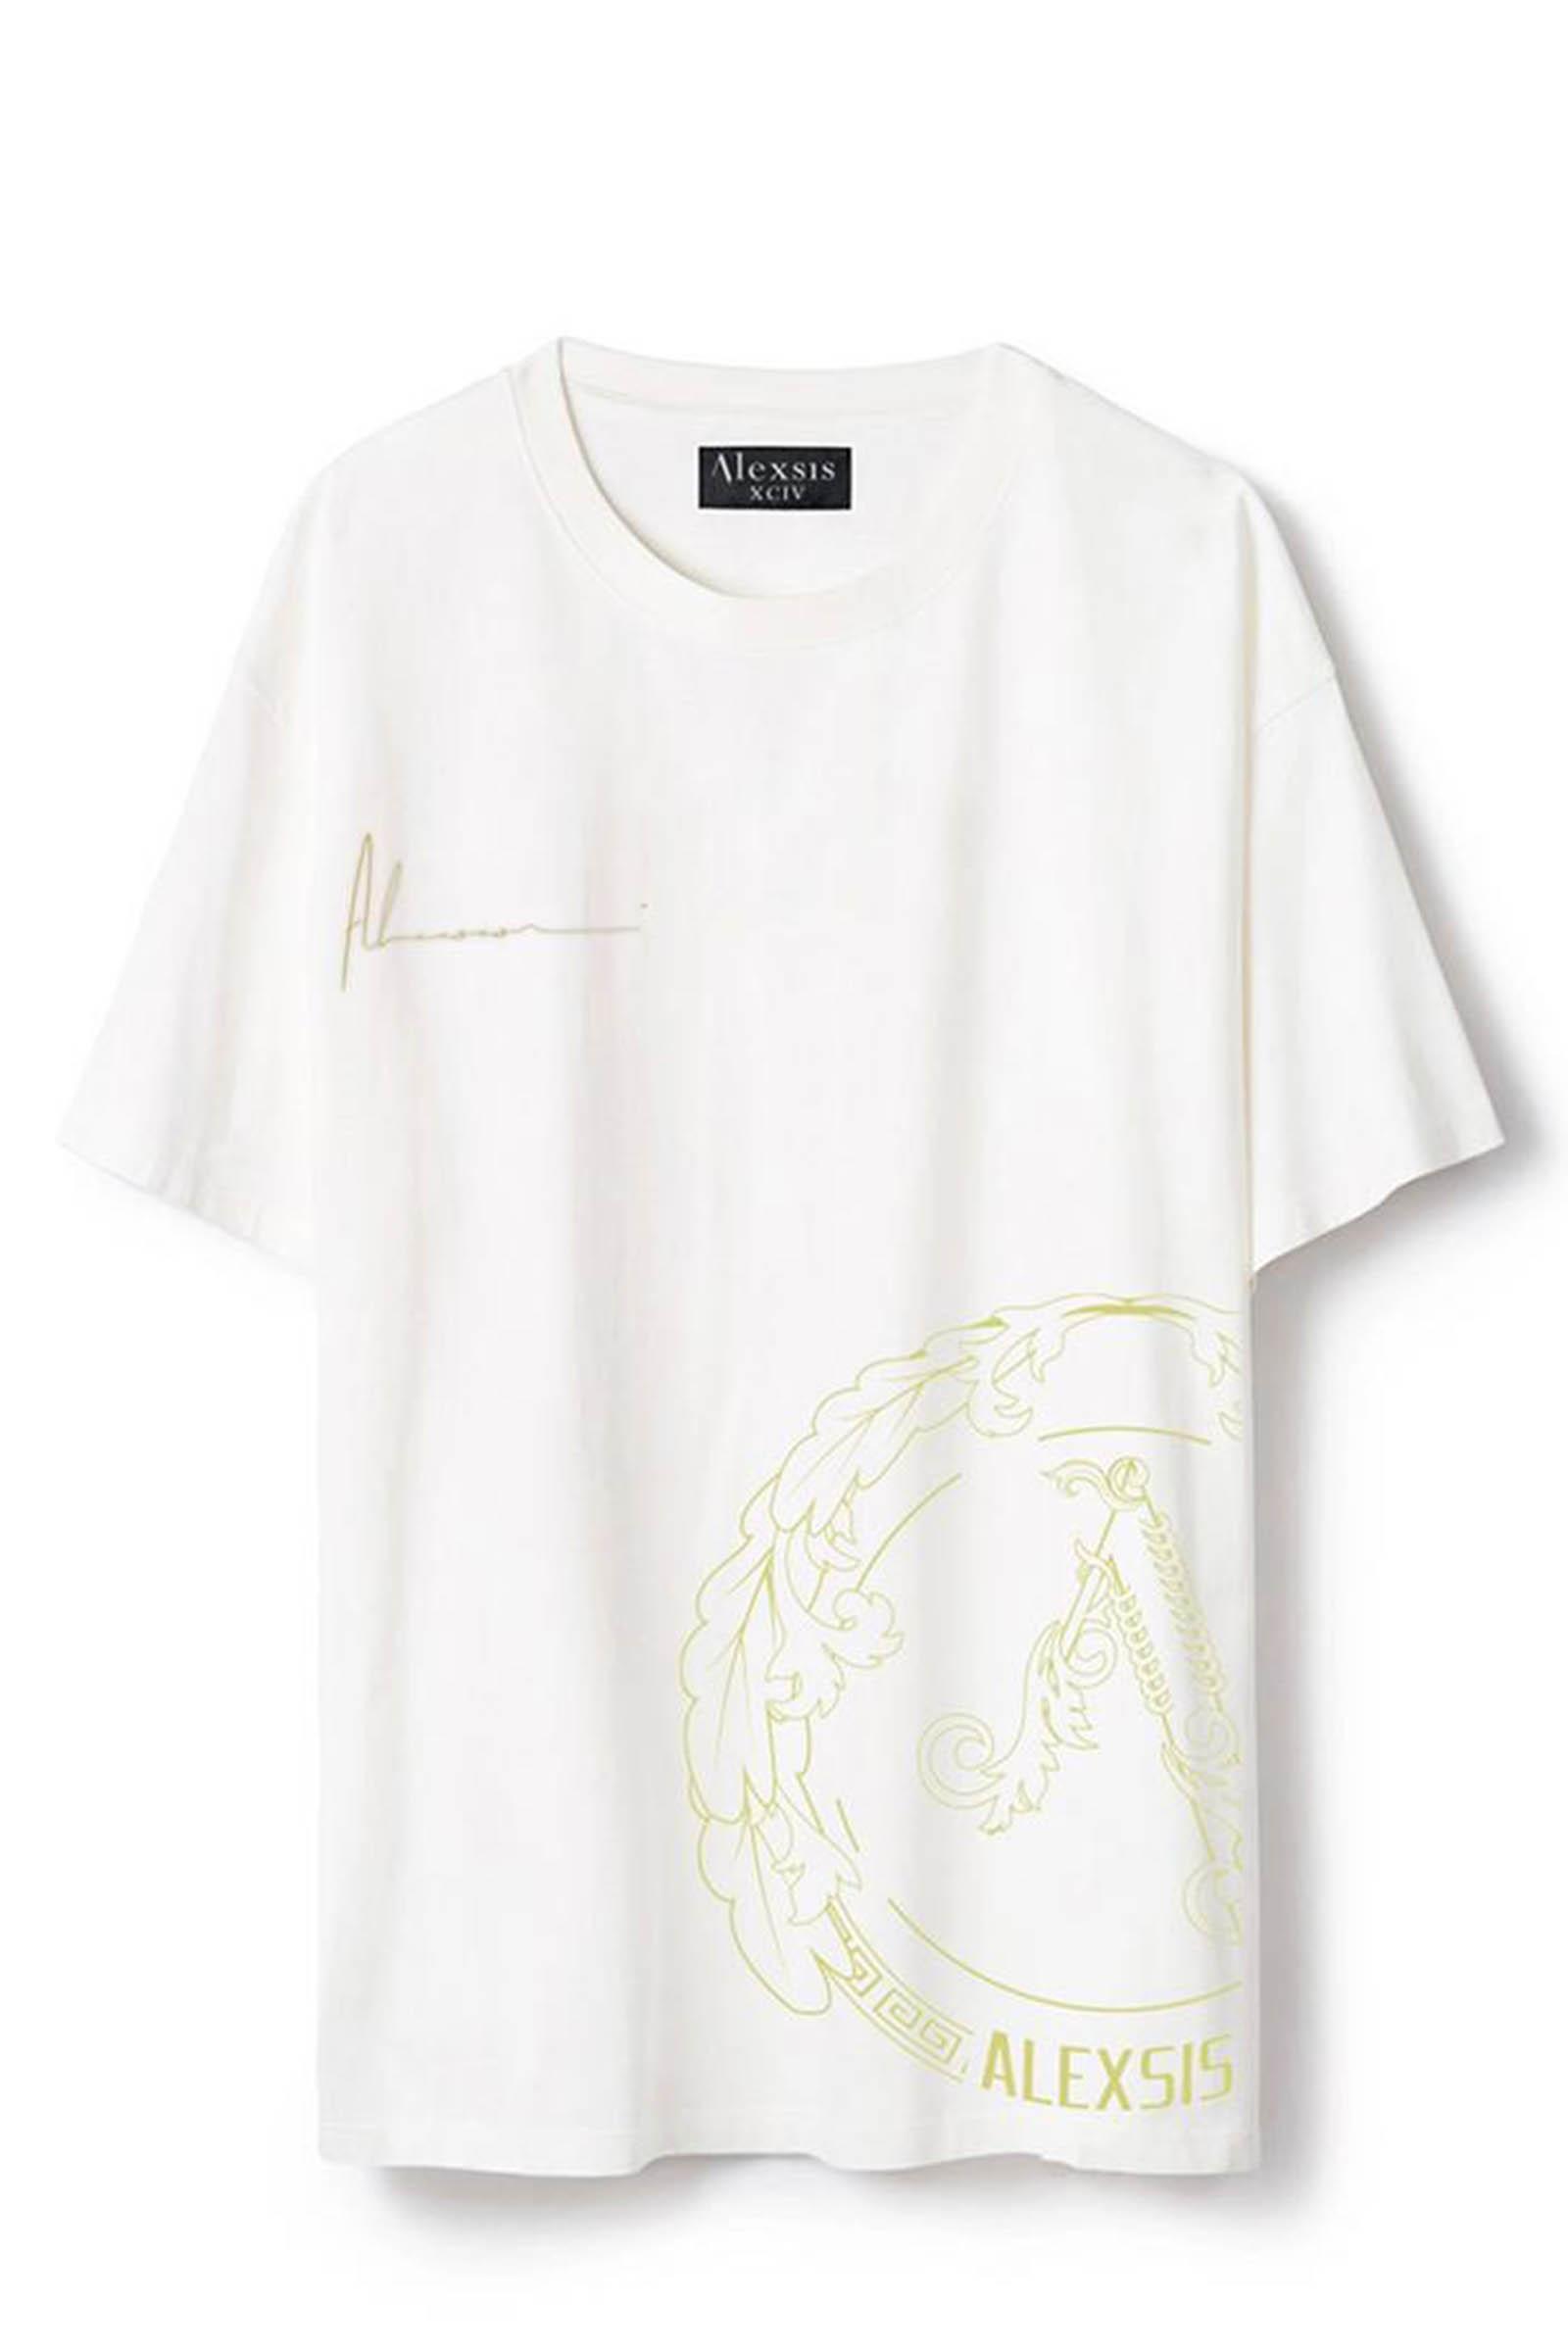 ALEXSIS | T-shirt | 008271